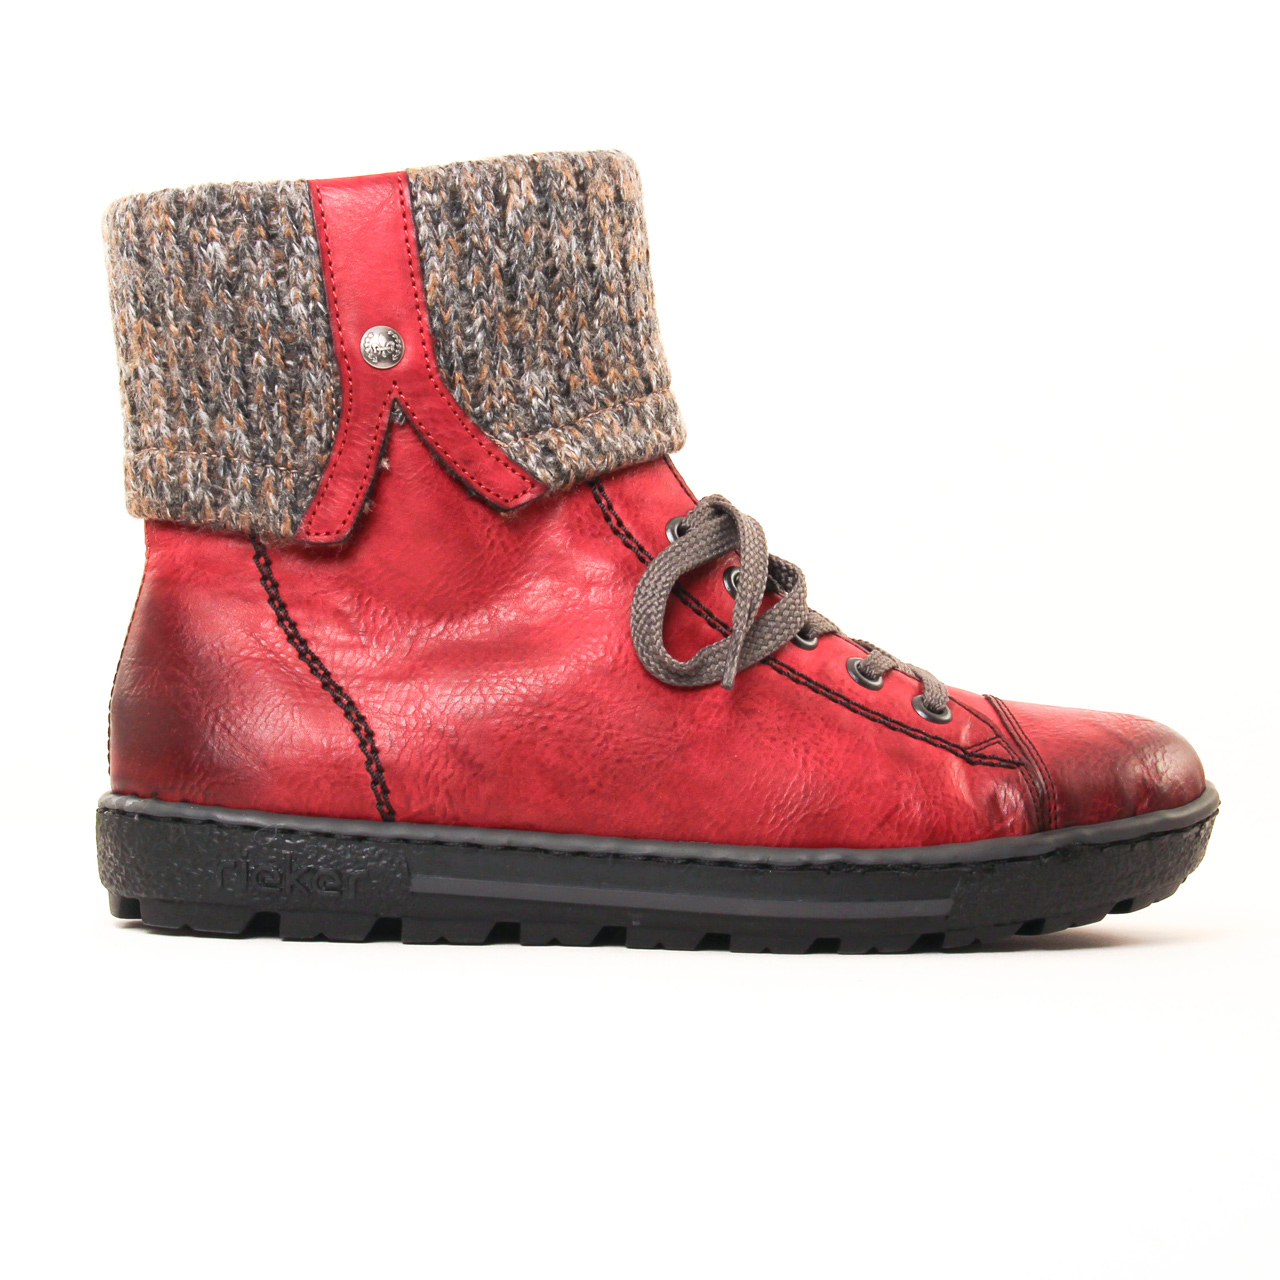 rieker z8753 rouge | boot fourrées rouge automne hiver 2017 chez